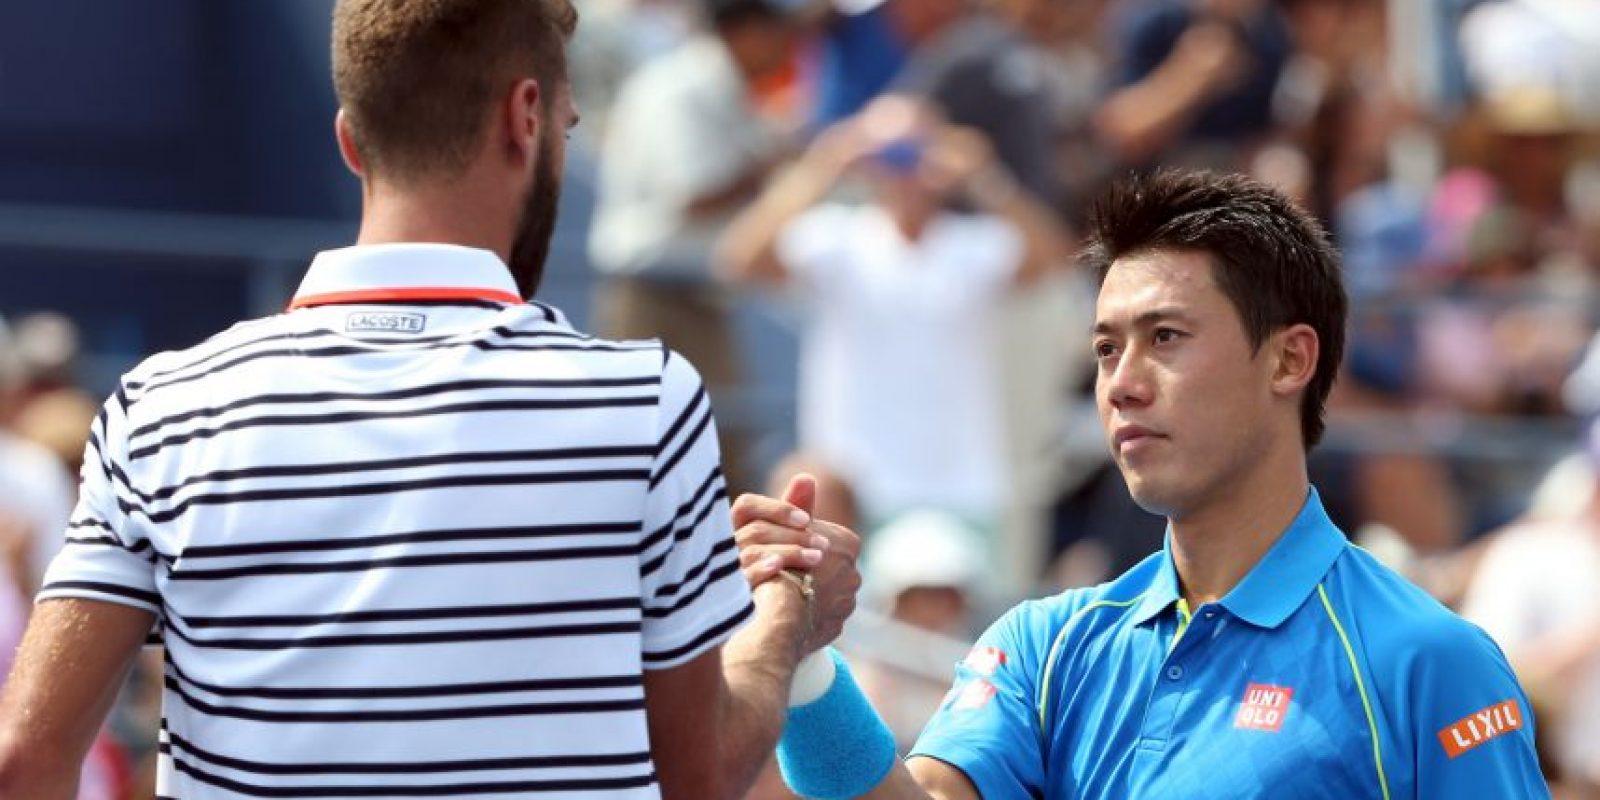 El finalista de la edición 2014 del US Open fue eliminado por el francés Benoit Paire (41) en la primera ronda. Foto:Getty Images